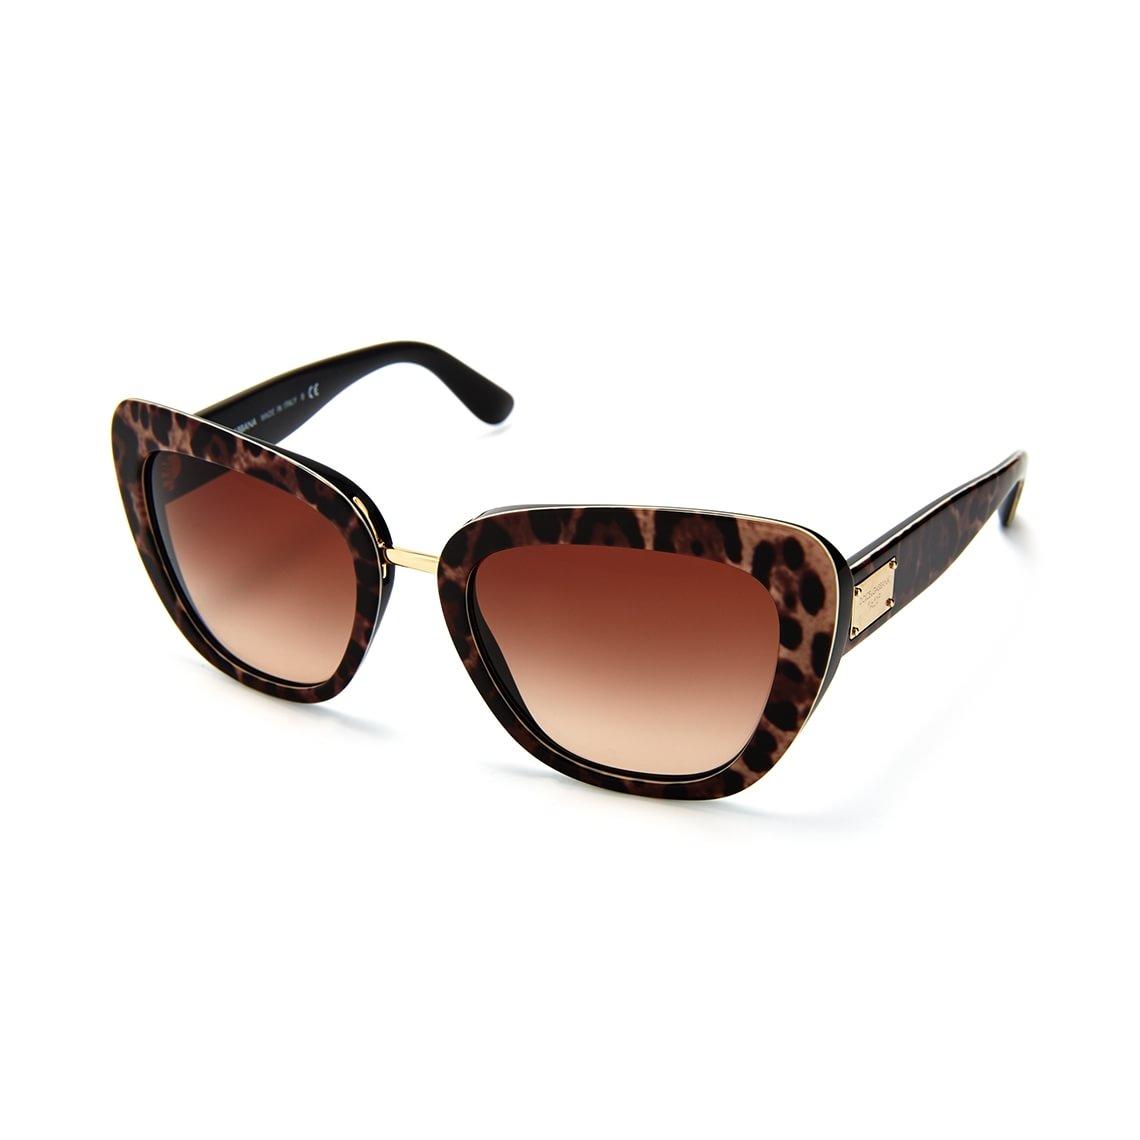 Dolce & Gabbana DG4296 199513 5320